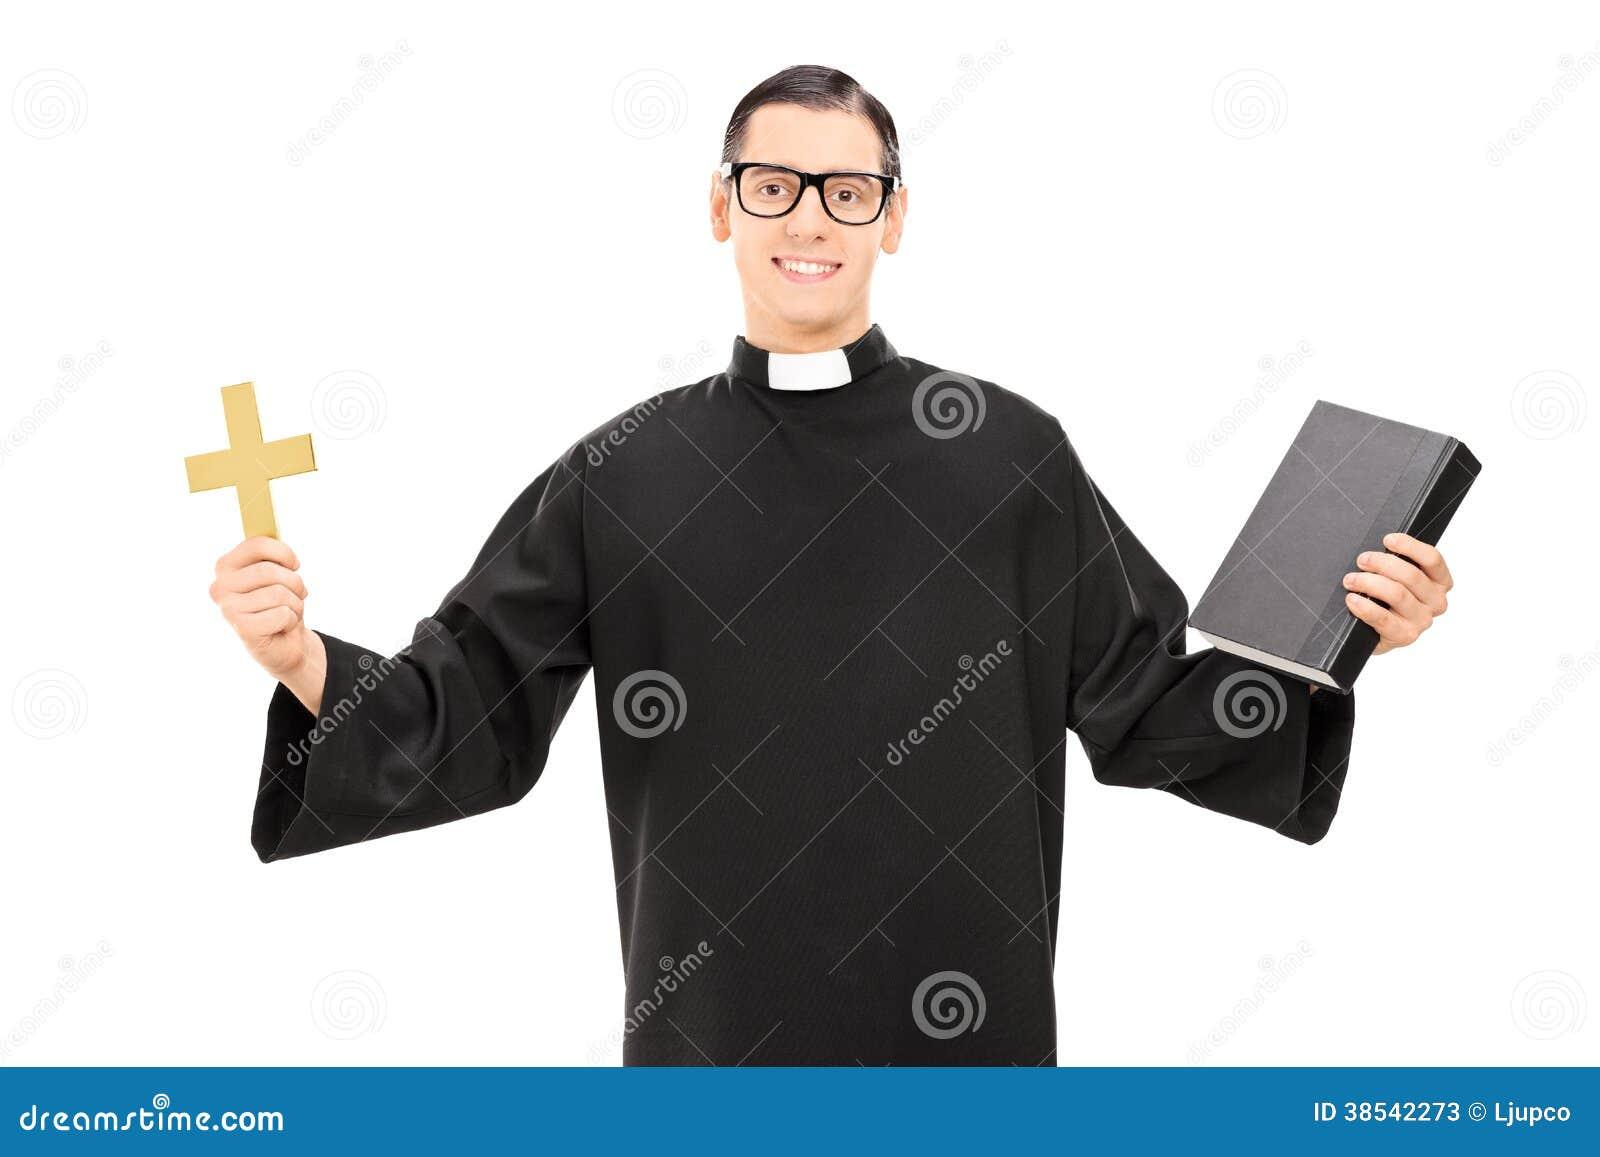 Katolska präster dating